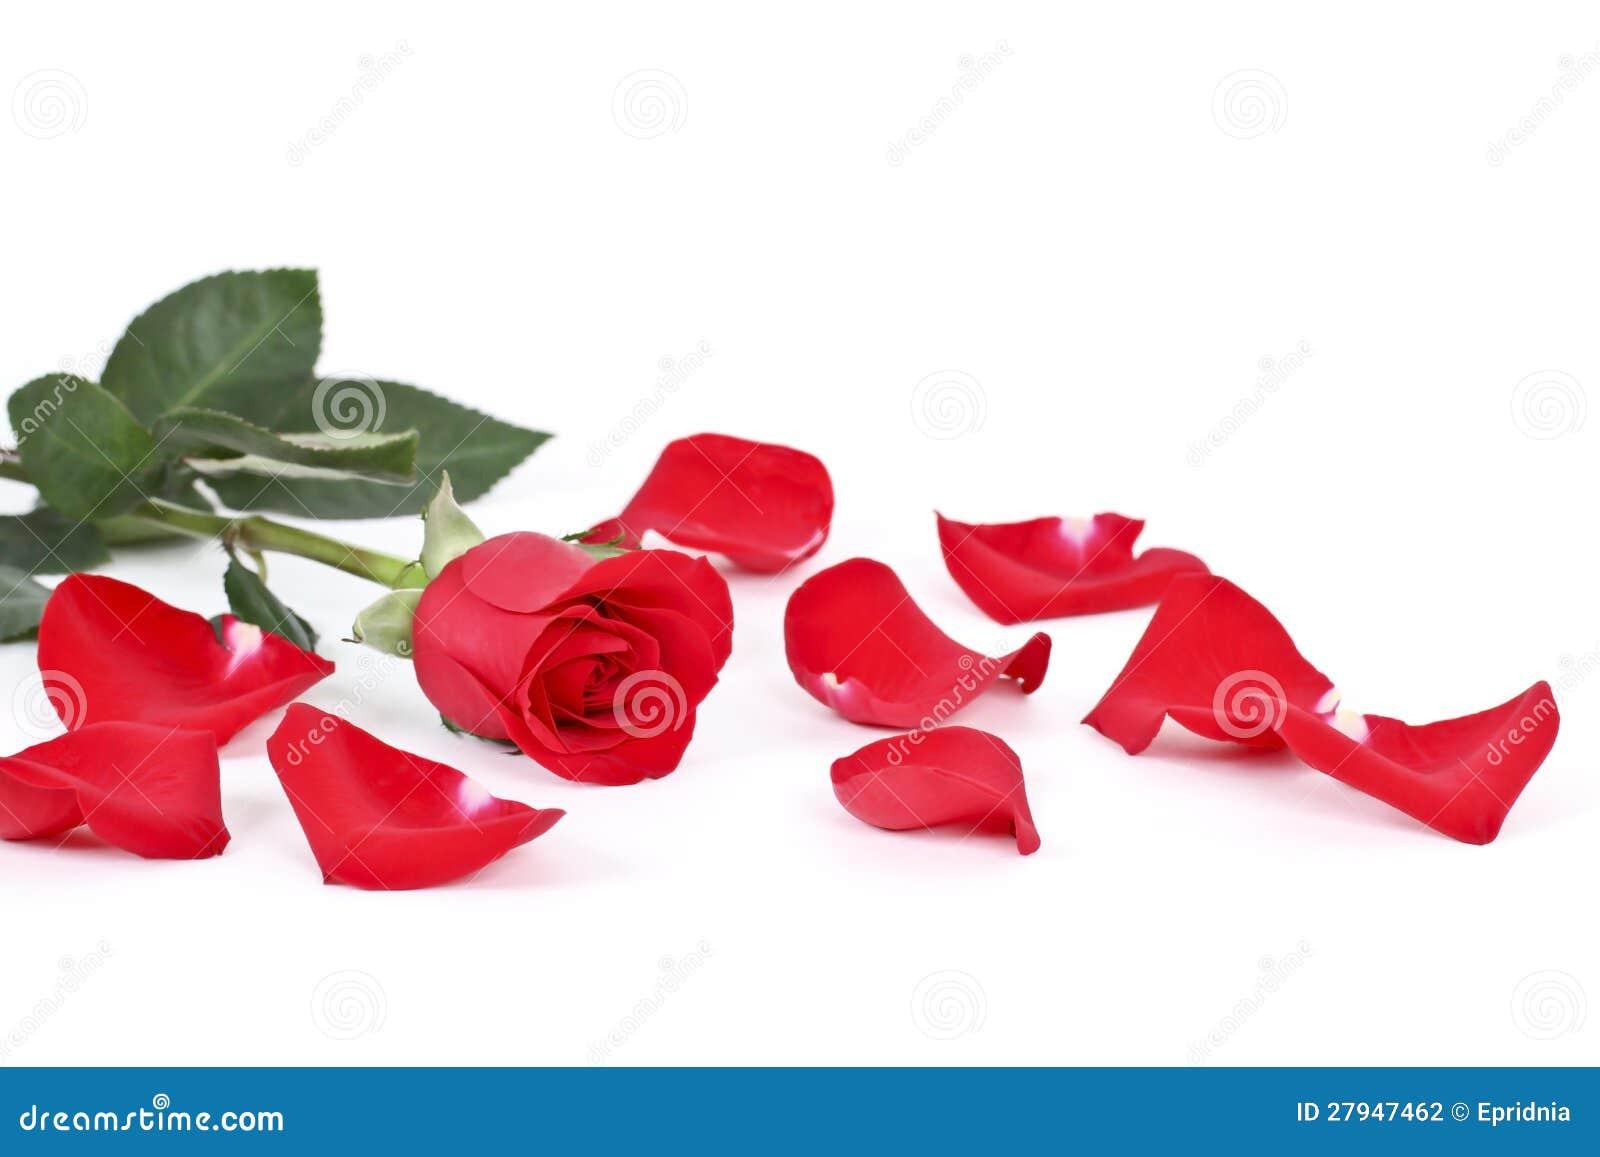 rose et p tales de rouge sur le blanc photo stock image du c l brez vacances 27947462. Black Bedroom Furniture Sets. Home Design Ideas